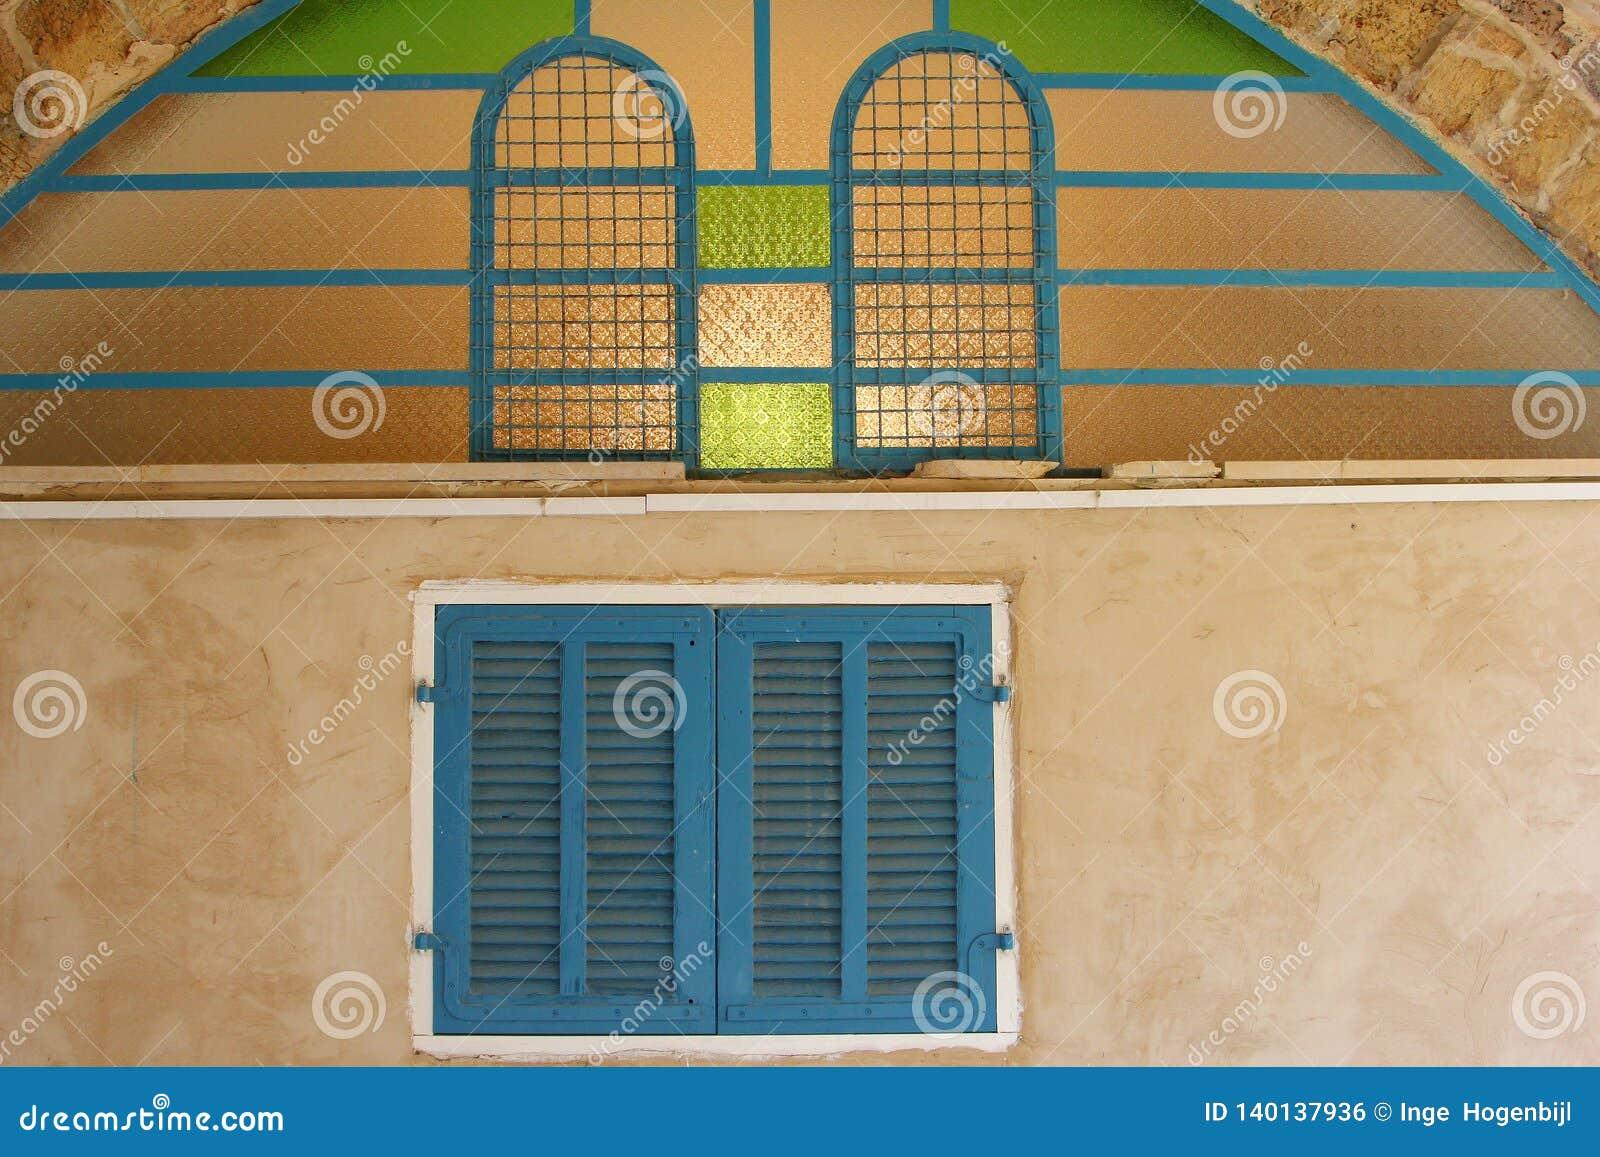 Teinte De Gris Clair maison bleue de fenêtres en verre teinté de volets, vieux